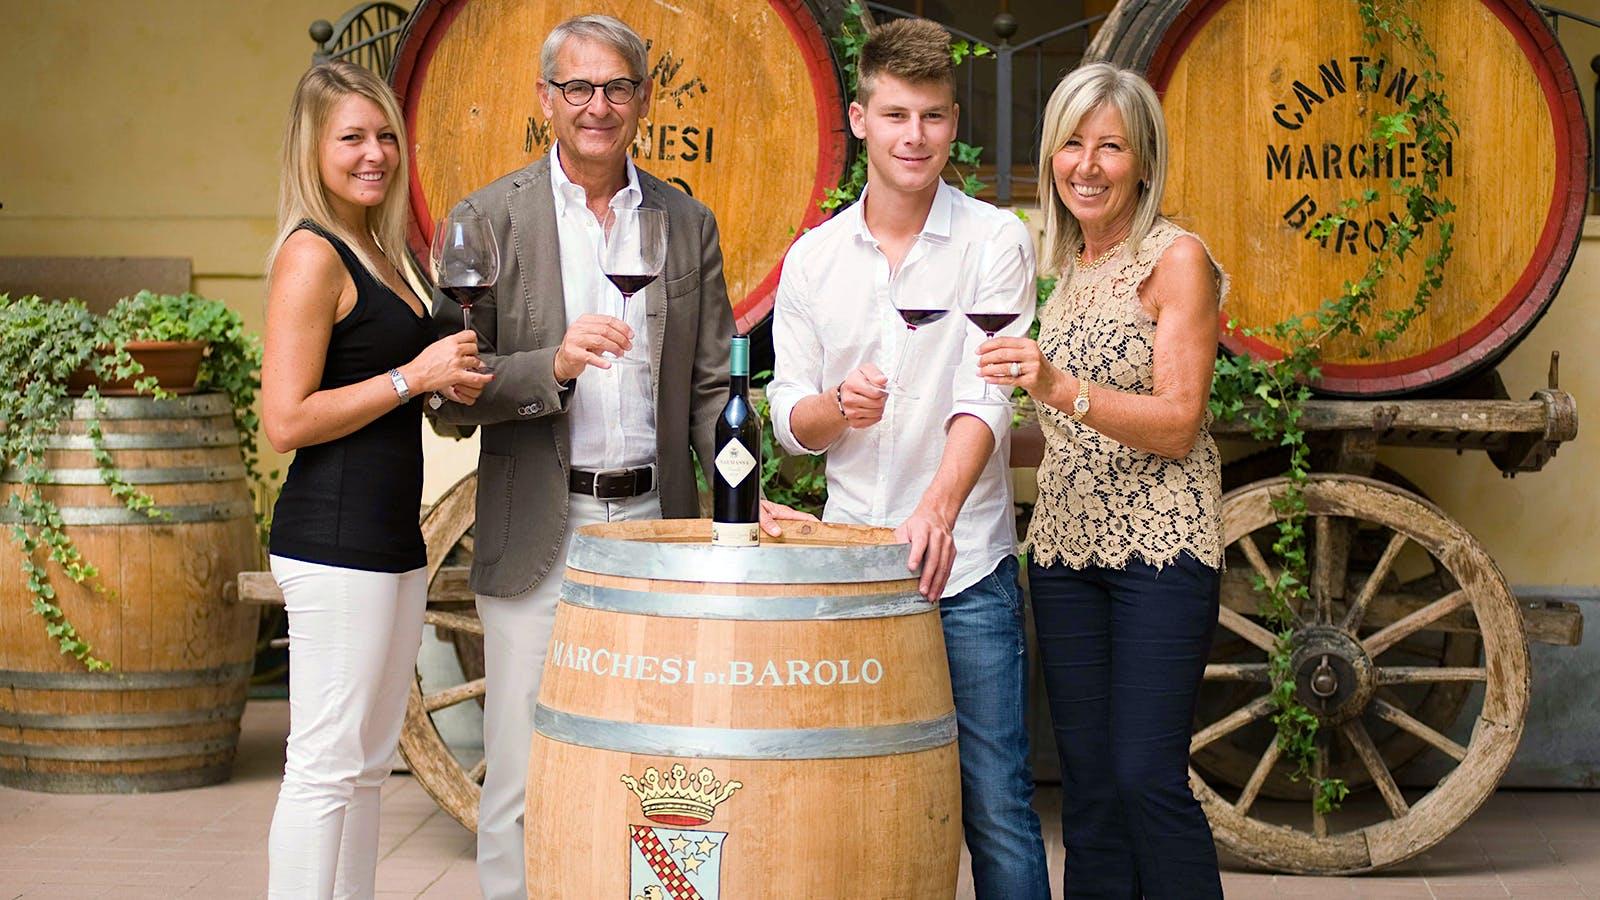 Marchesi di Barolo Winery Acquires Barbaresco Producer Cascina Bruciata